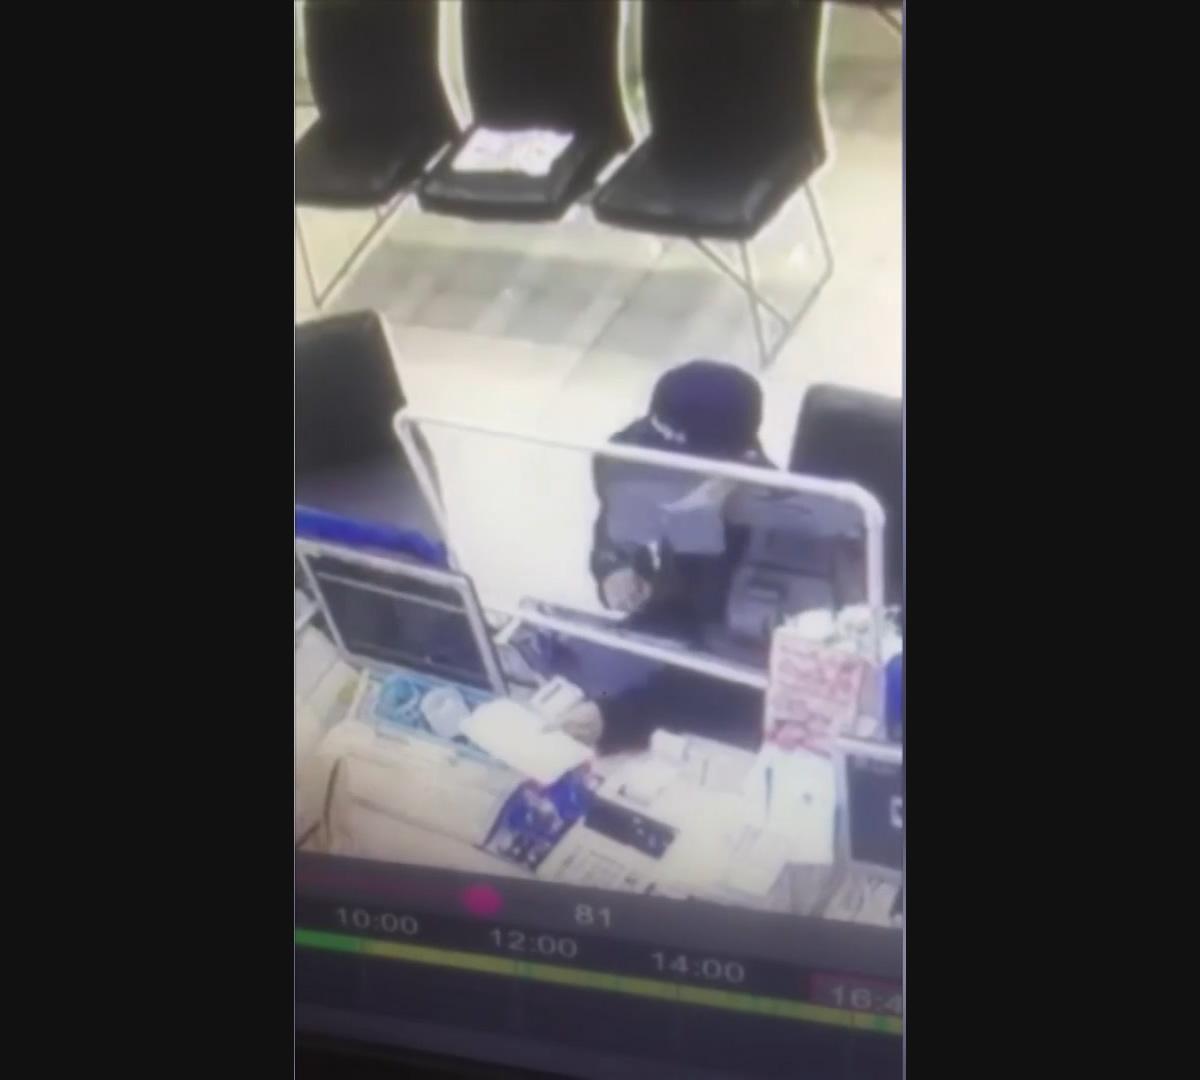 静かなる銀行強盗、周りの人々に気付かれず8万バーツを奪って逃走